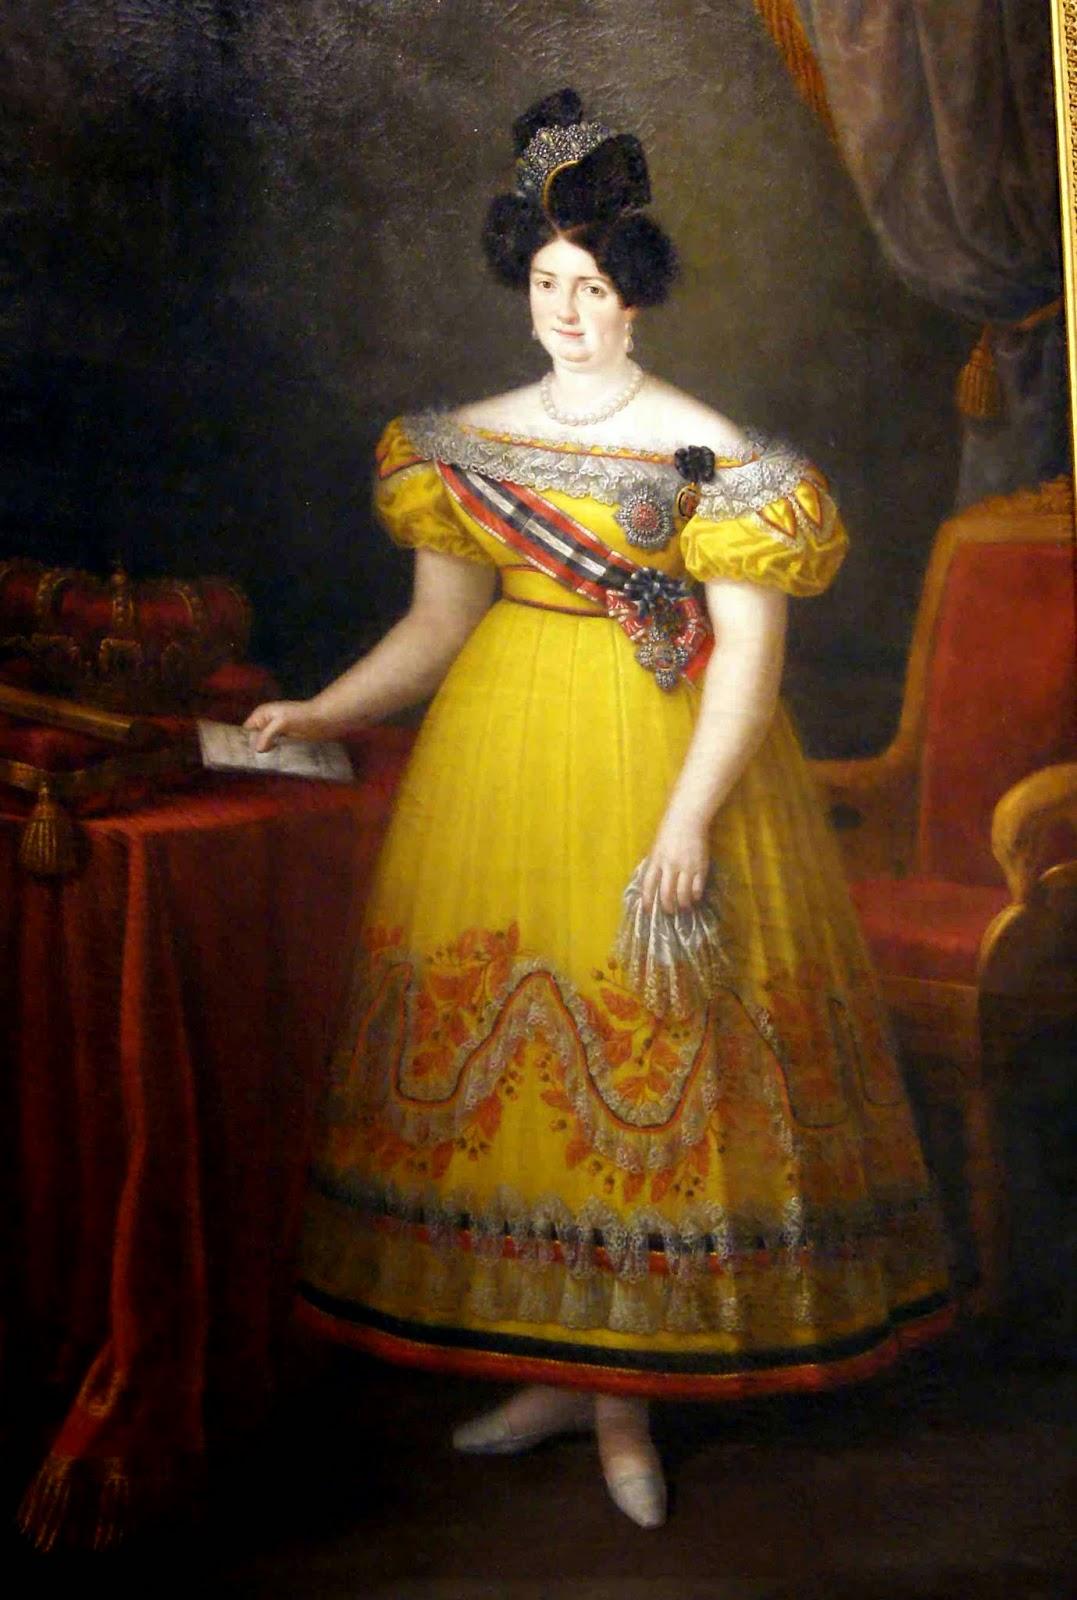 Leyendas de Sevilla: Reales Alcázares de Sevilla, -IV. Antigua Casa ...